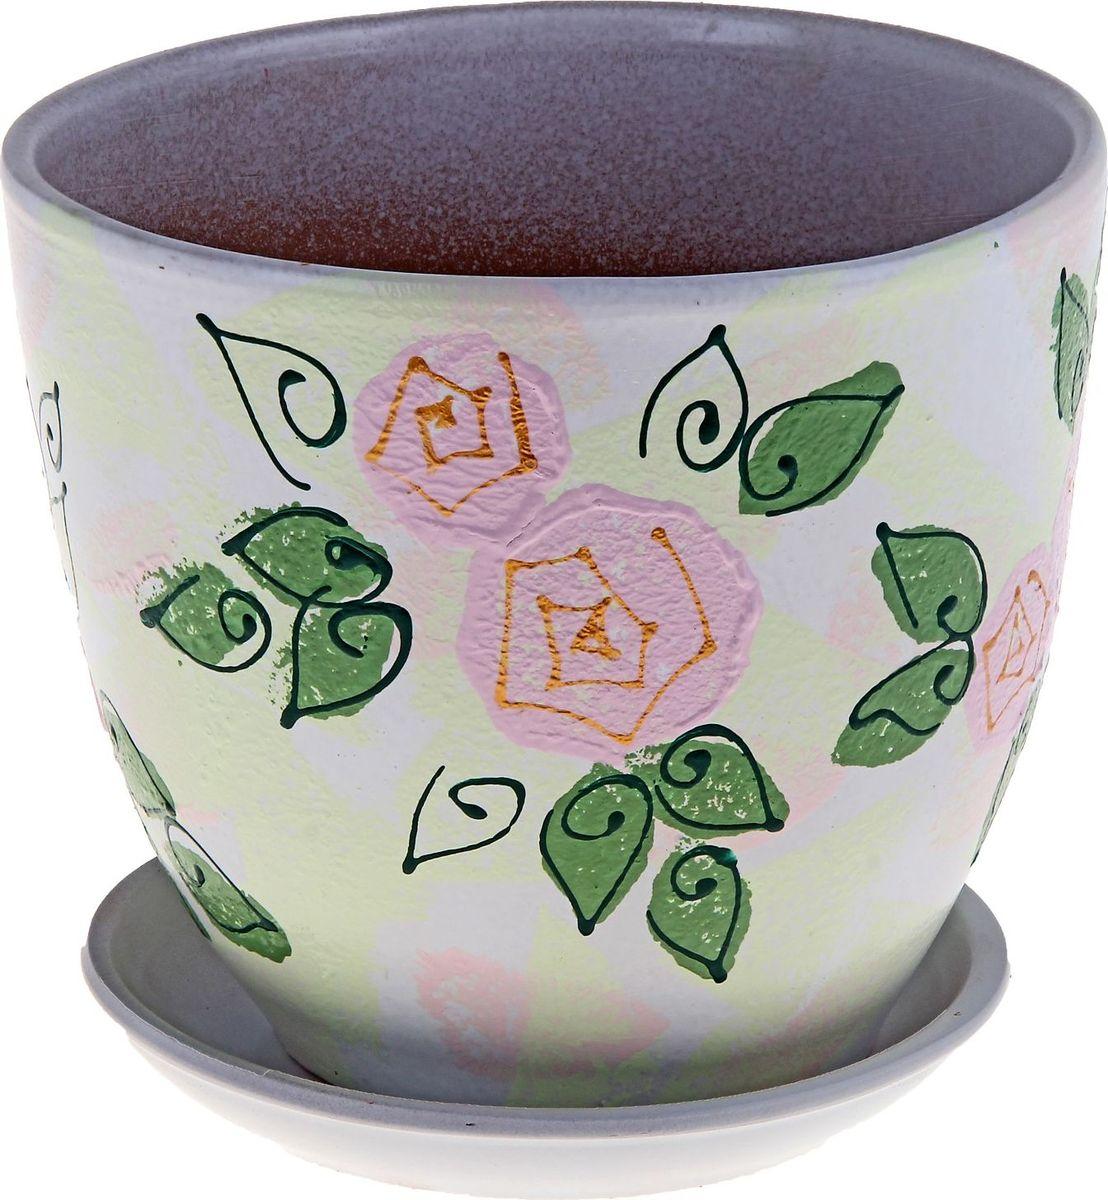 Кашпо Роза, 5 л164915Декоративное кашпо Роза, выполненное из высококачественной керамики, предназначено для посадки декоративных растений и станет прекрасным украшением для дома. Благодаря своему дизайну впишется в любой интерьер помещения.